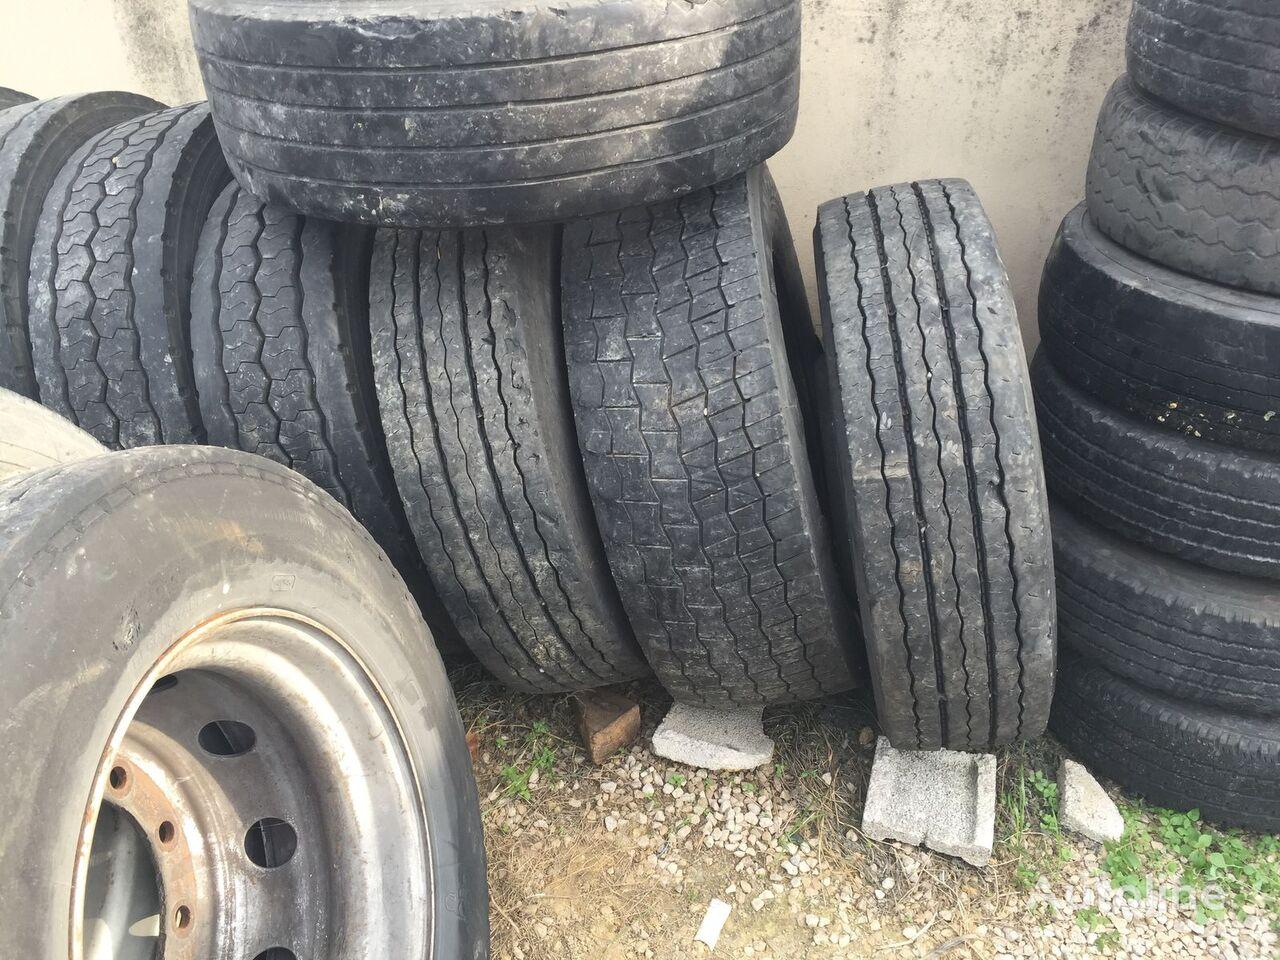 pneu de bus varias unidades